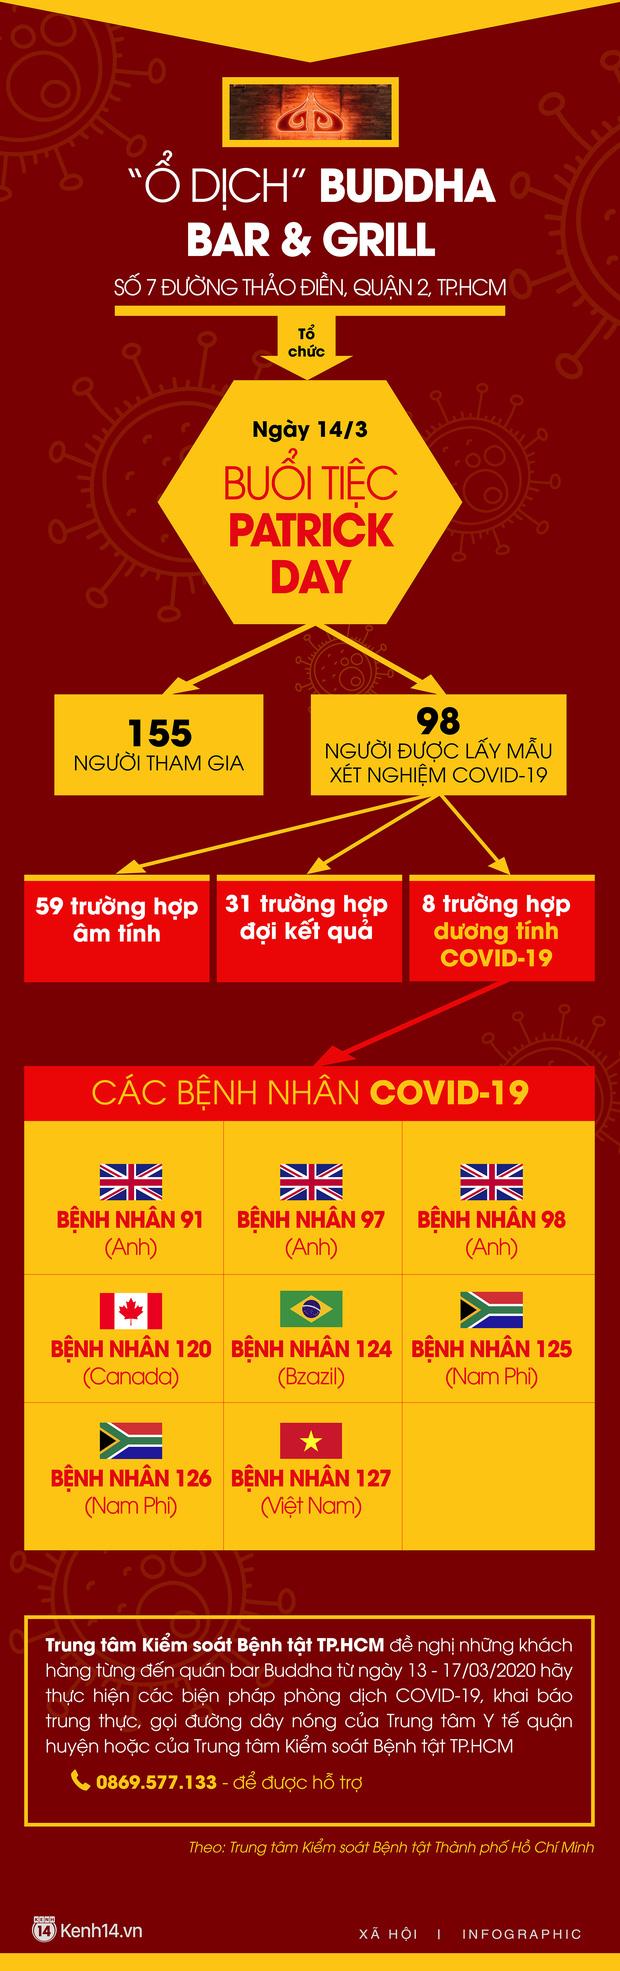 Ổ dịch quán bar Buddha với 155 người tham gia: 8 người dương tính Covid-19, yêu cầu khách đến quán vào ngày 13-17/3 khai báo sức khoẻ